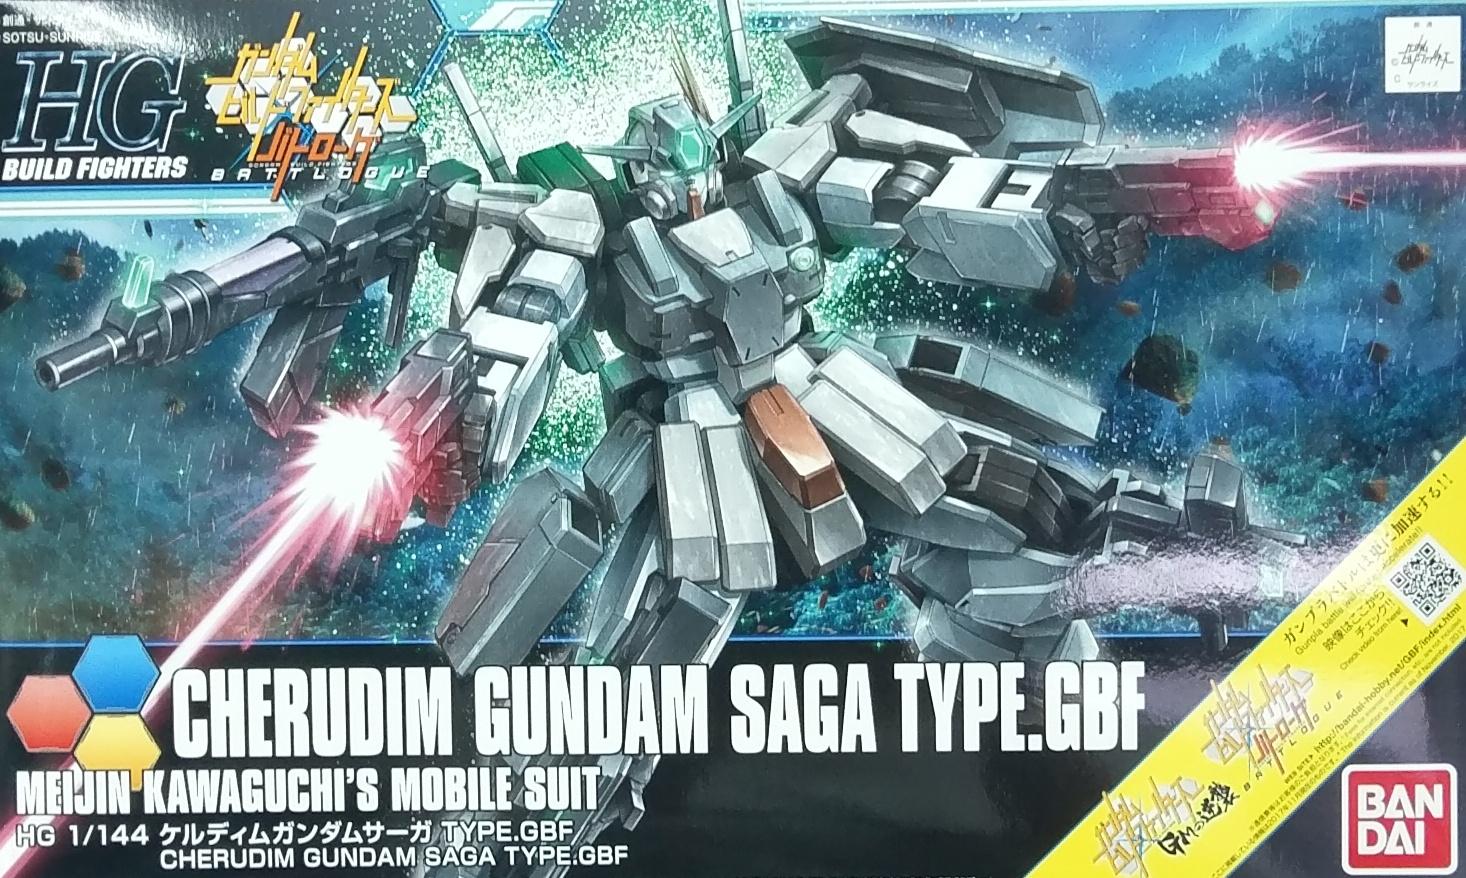 創鬥鋼彈HGBF064 特殊突襲型智天使 TYPE.GBF